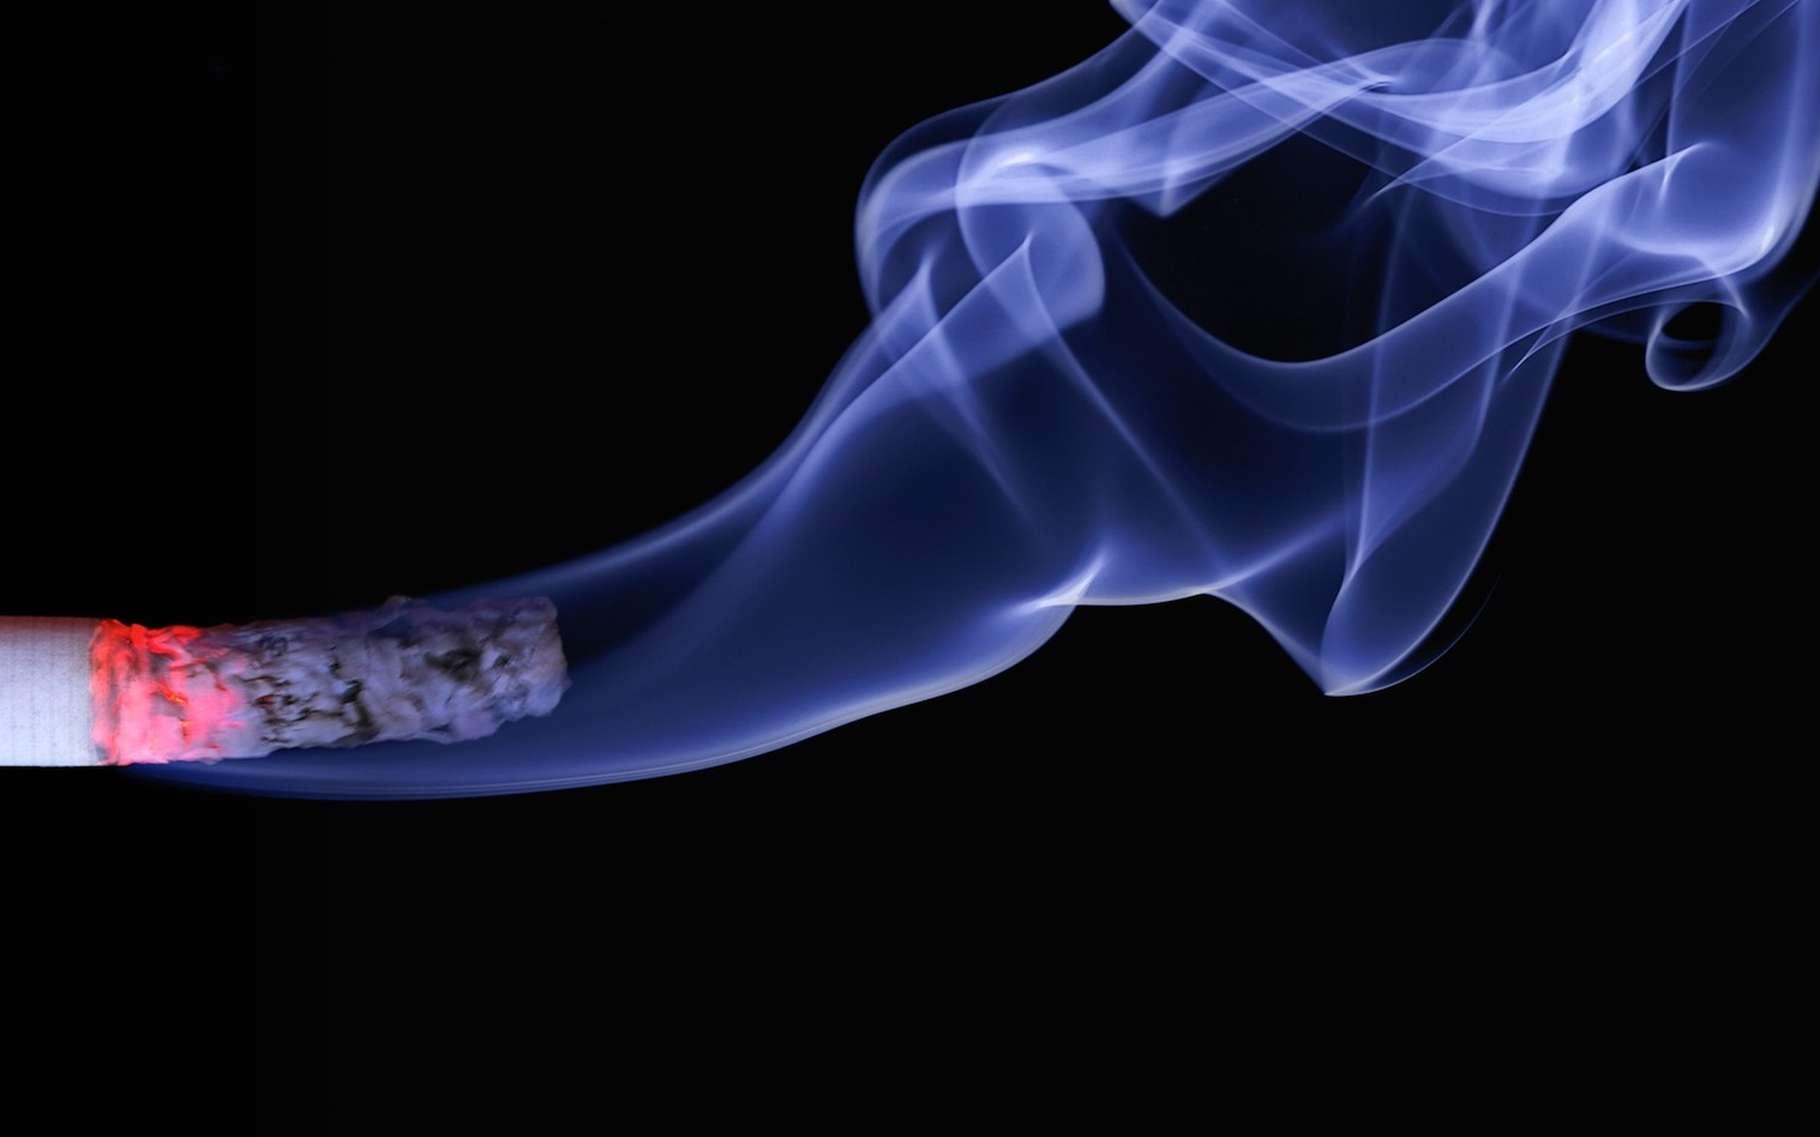 Le Centre international de recherche sur le cancer classe la fumée de cigarette parmi les substances cancérogènes avérées. Certains la qualifieraient plutôt de cancérigène… © realworkhard, Pixabay, CC0 Creative Commons